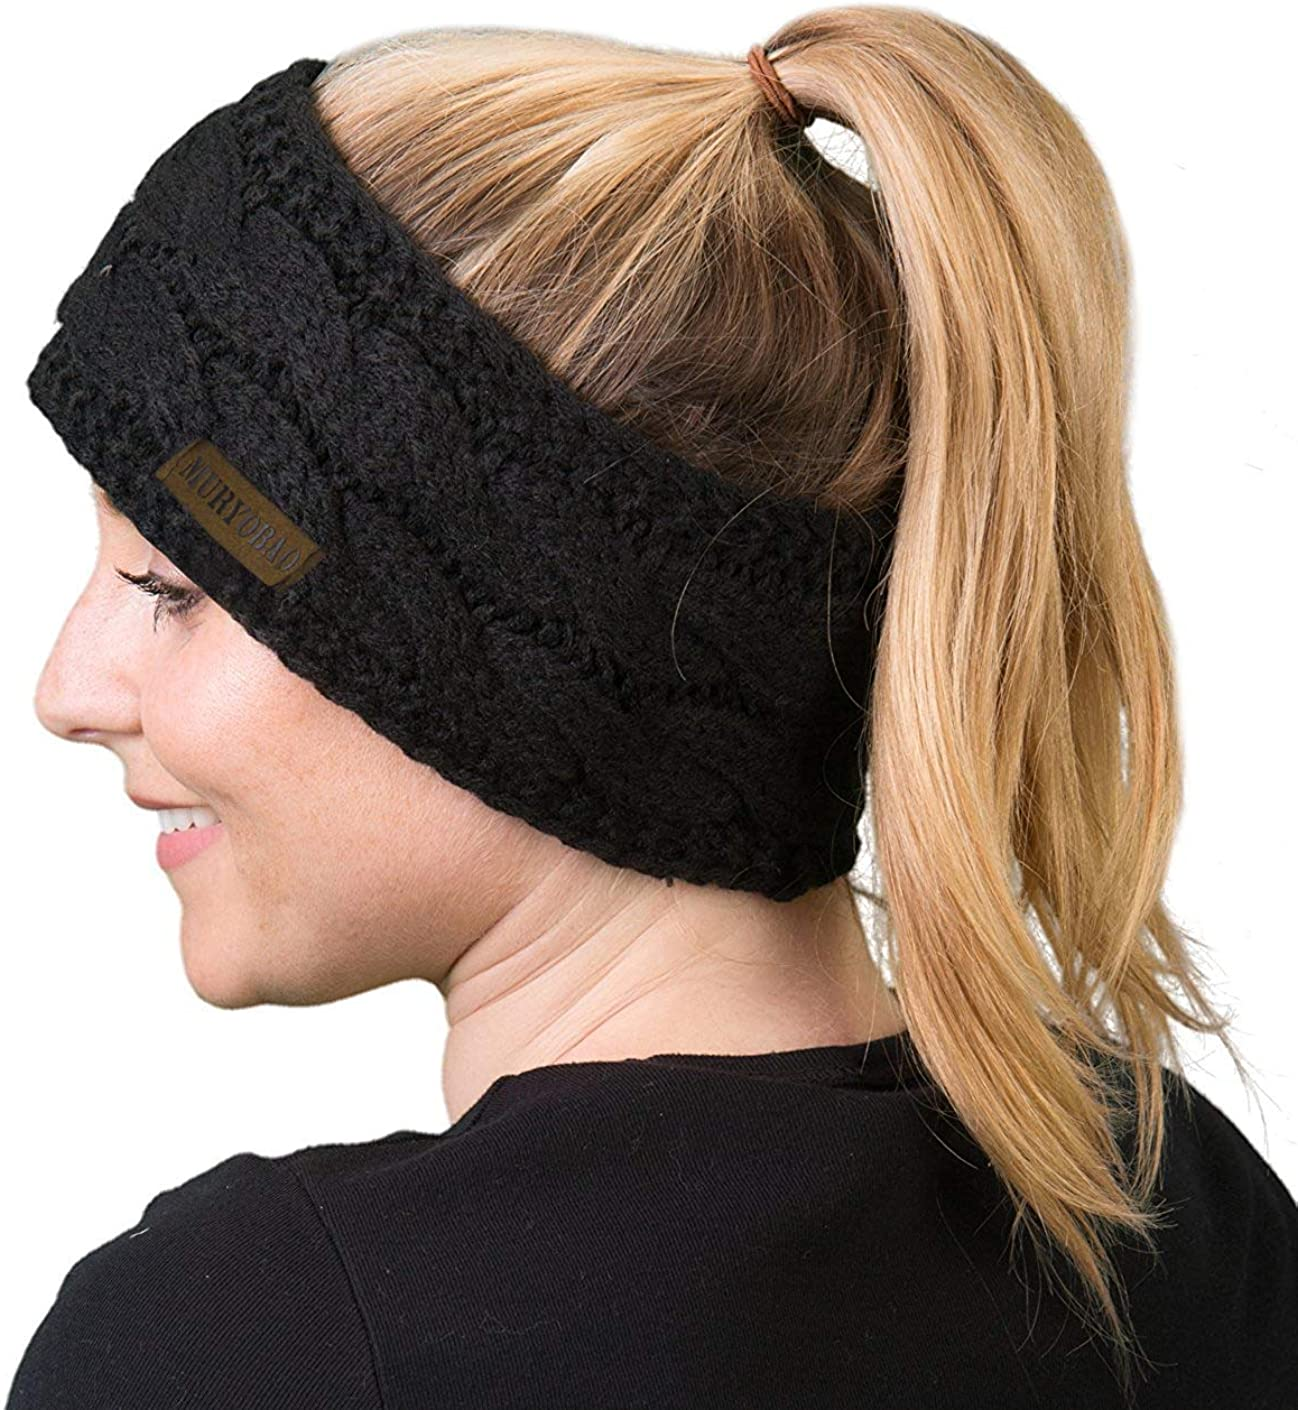 Women Winter Warm Headband Fuzzy Fleece Lined Thick Cable Knit Head Wrap Ear Warmer